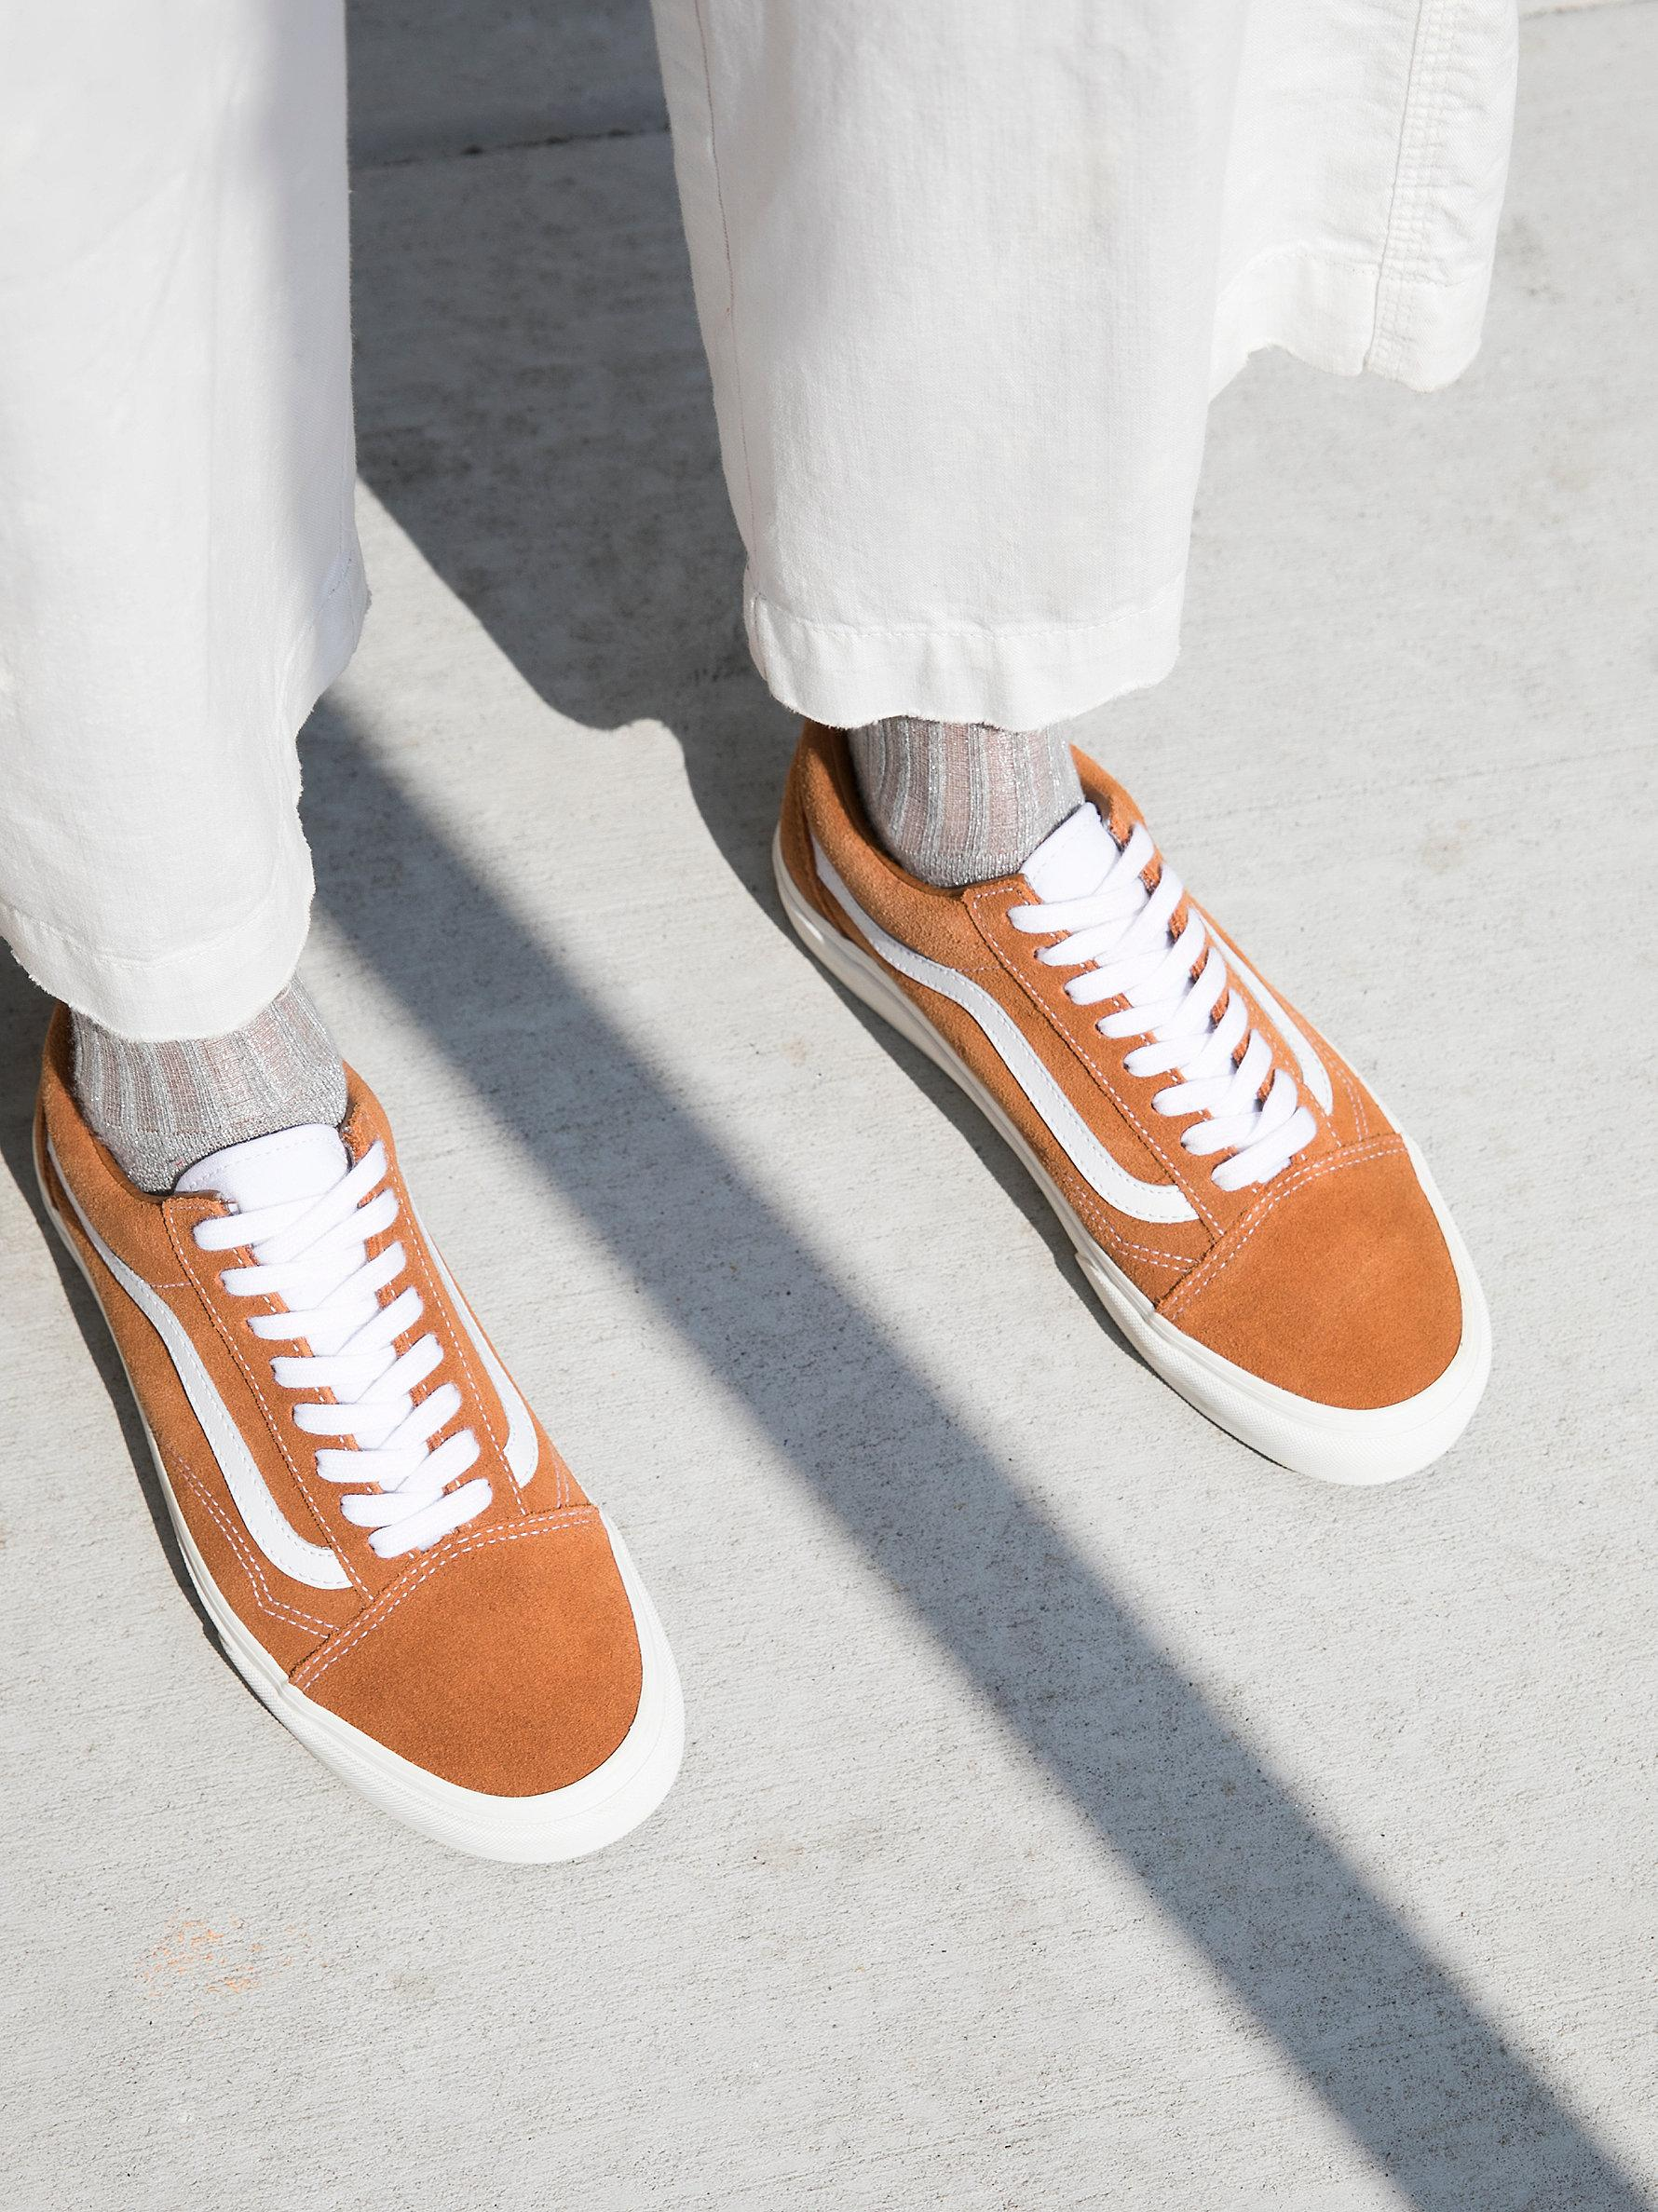 d63e8185655 Lyst - Free People Old School Retro Sport Sneaker